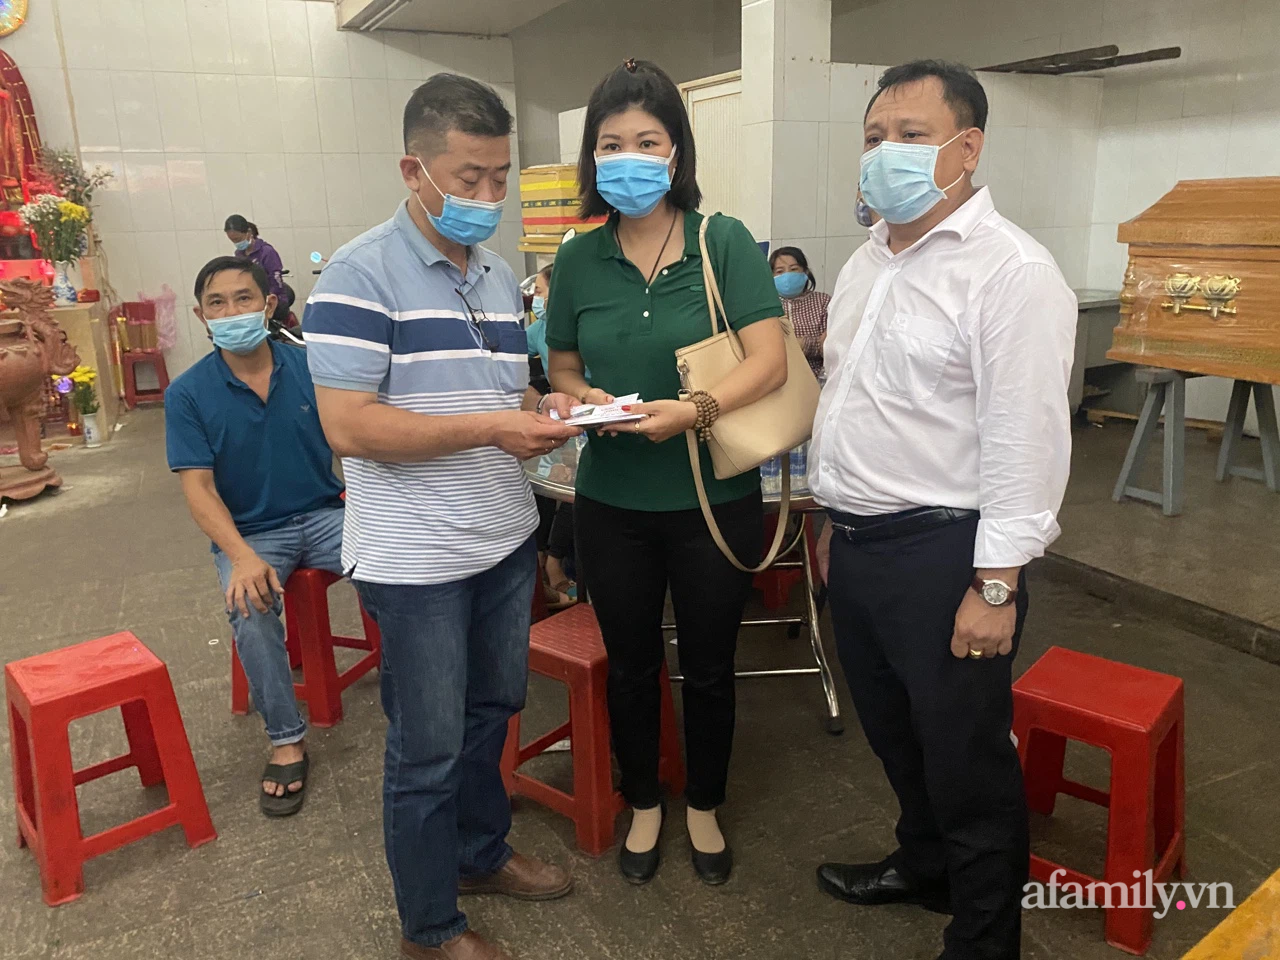 Danh tính nữ nạn nhân tử vong thứ 8 trong vụ cháy nhà đường Lạc Long Quân ở TP.HCM, người thân bàng hoàng - Ảnh 3.